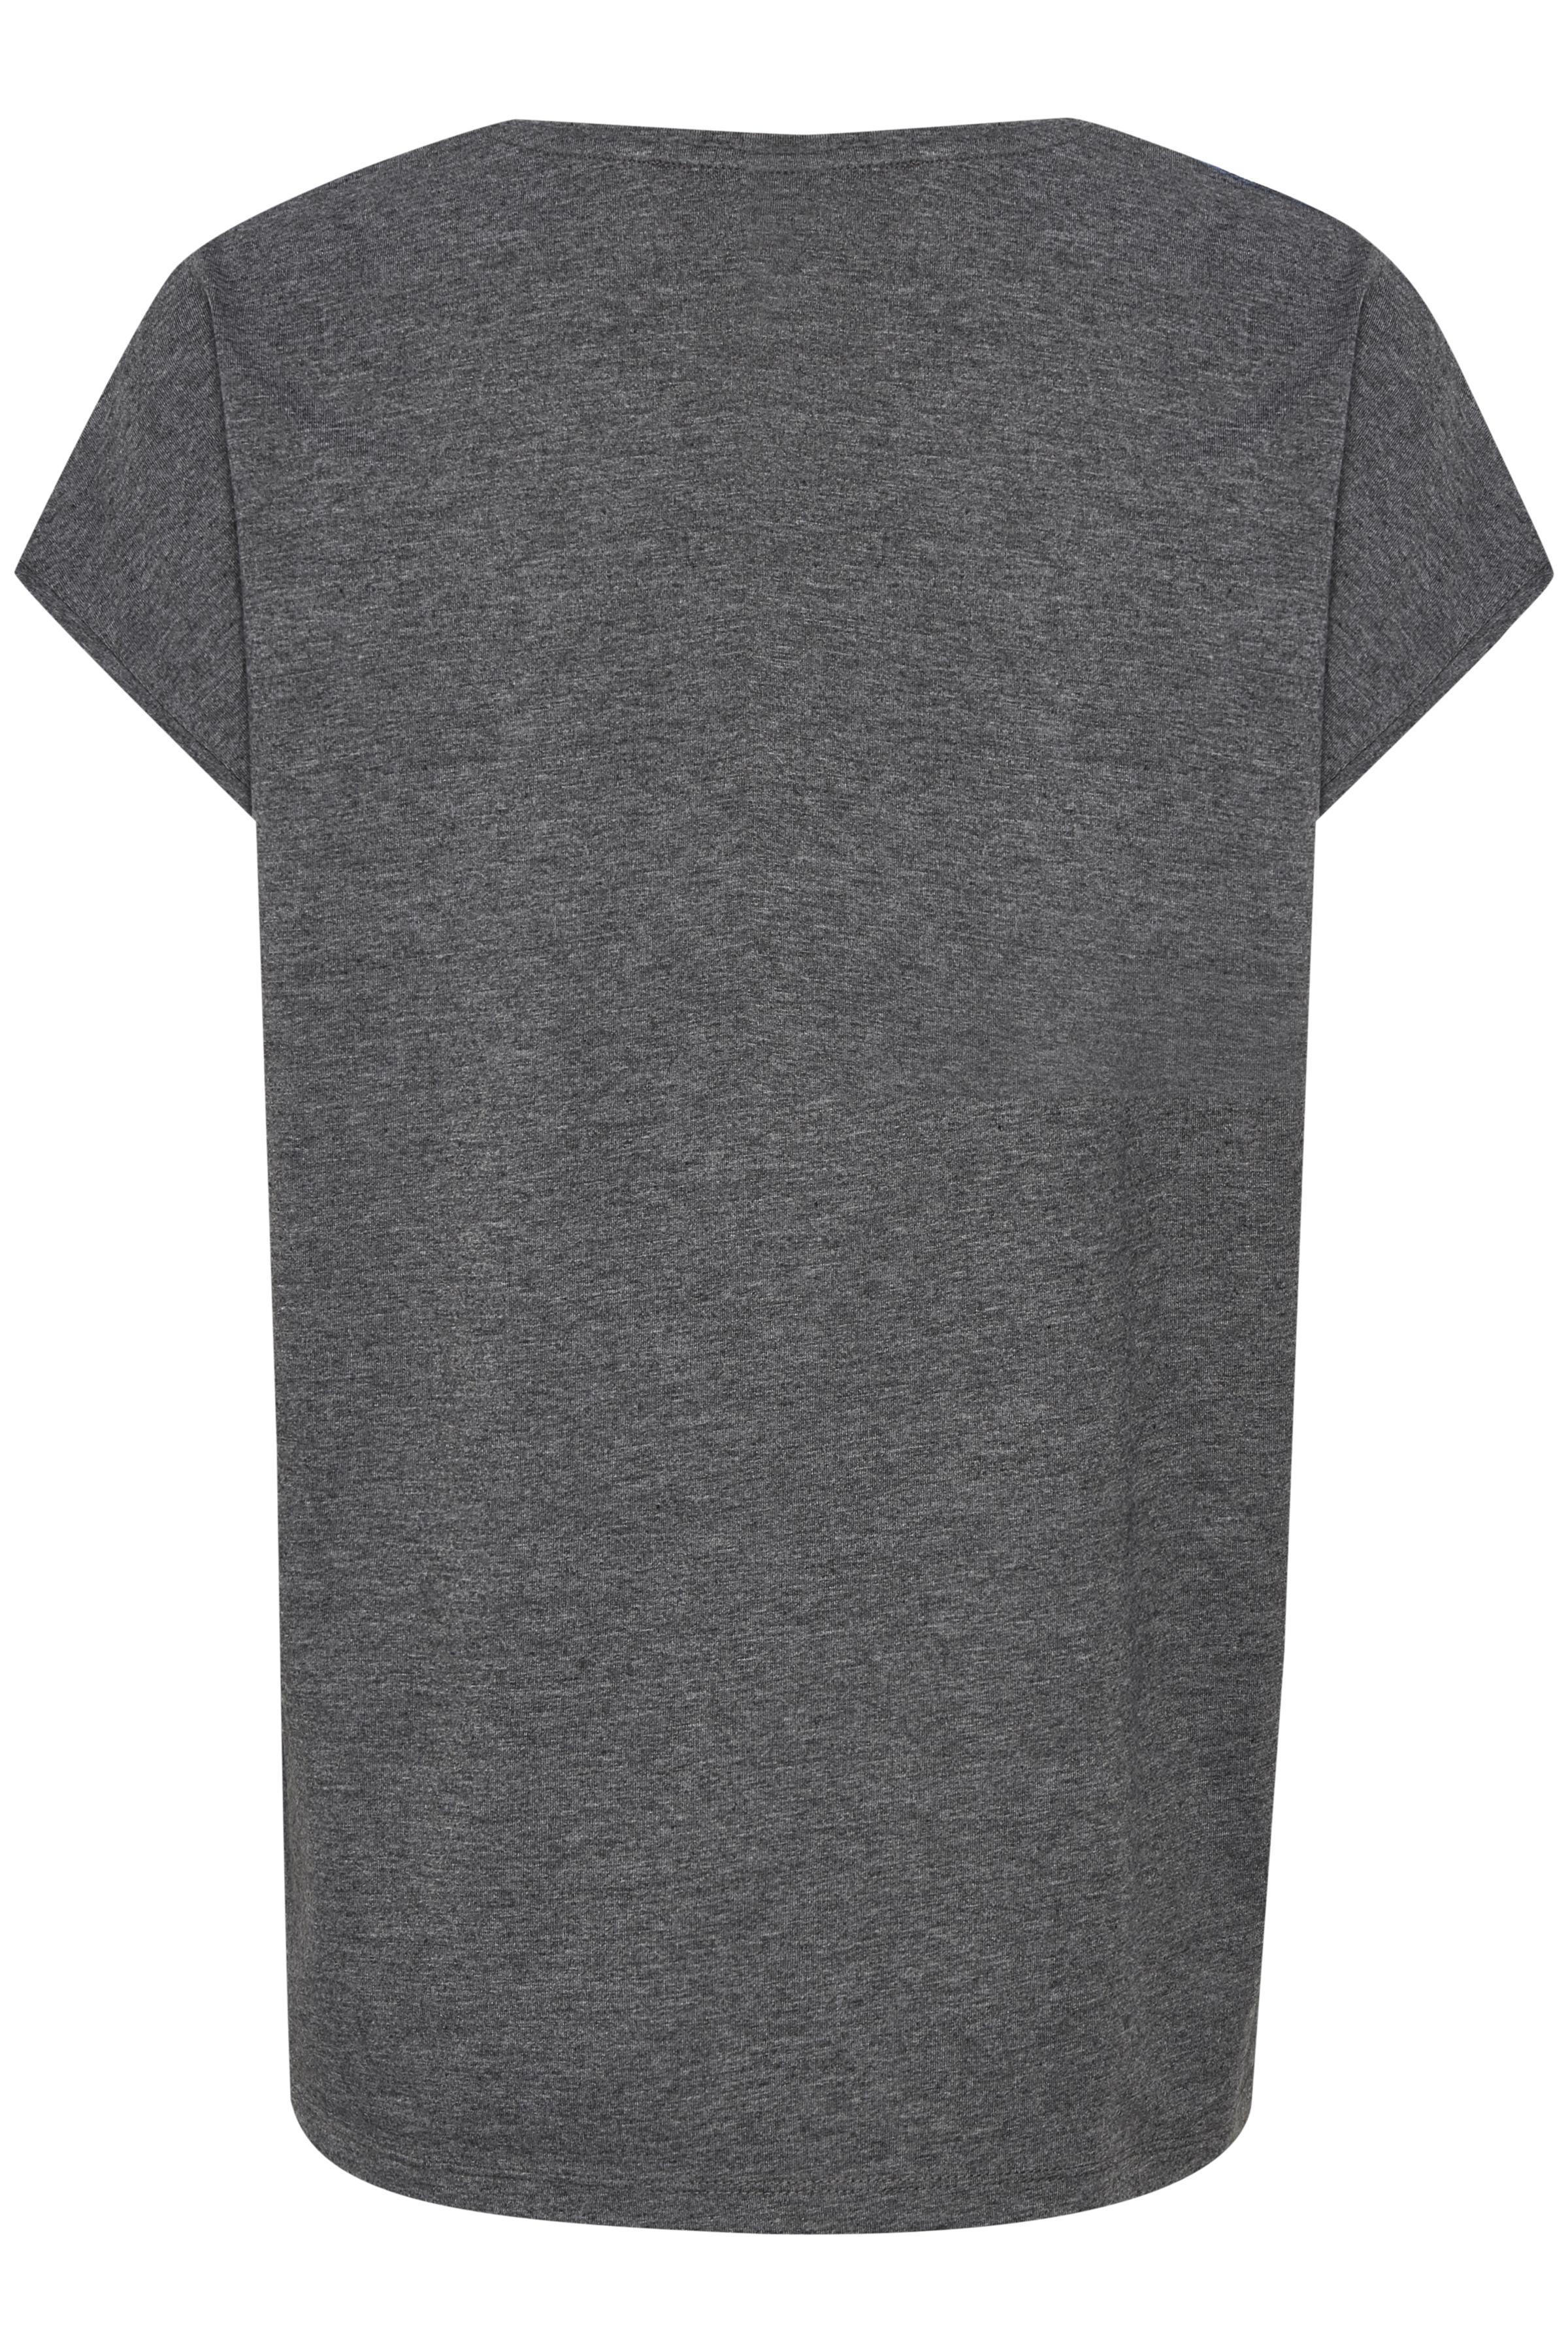 Blå/grå Kortärmad blus från Bon'A Parte – Köp Blå/grå Kortärmad blus från stl. S-2XL här